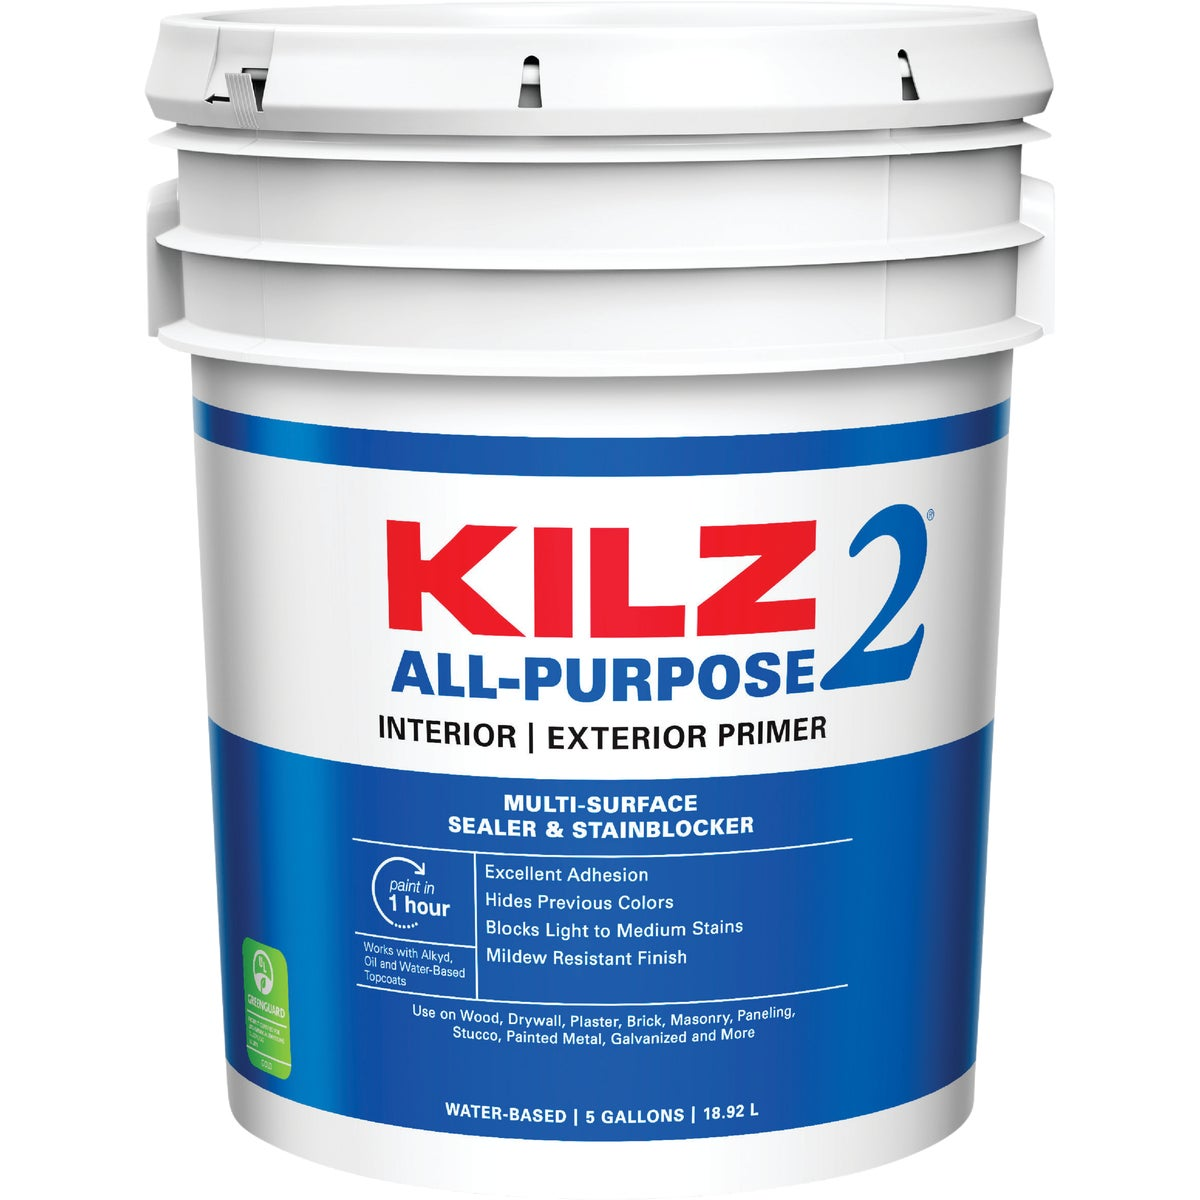 KILZ 2 INT/EX LTX PRIMER - 20000 by Masterchem